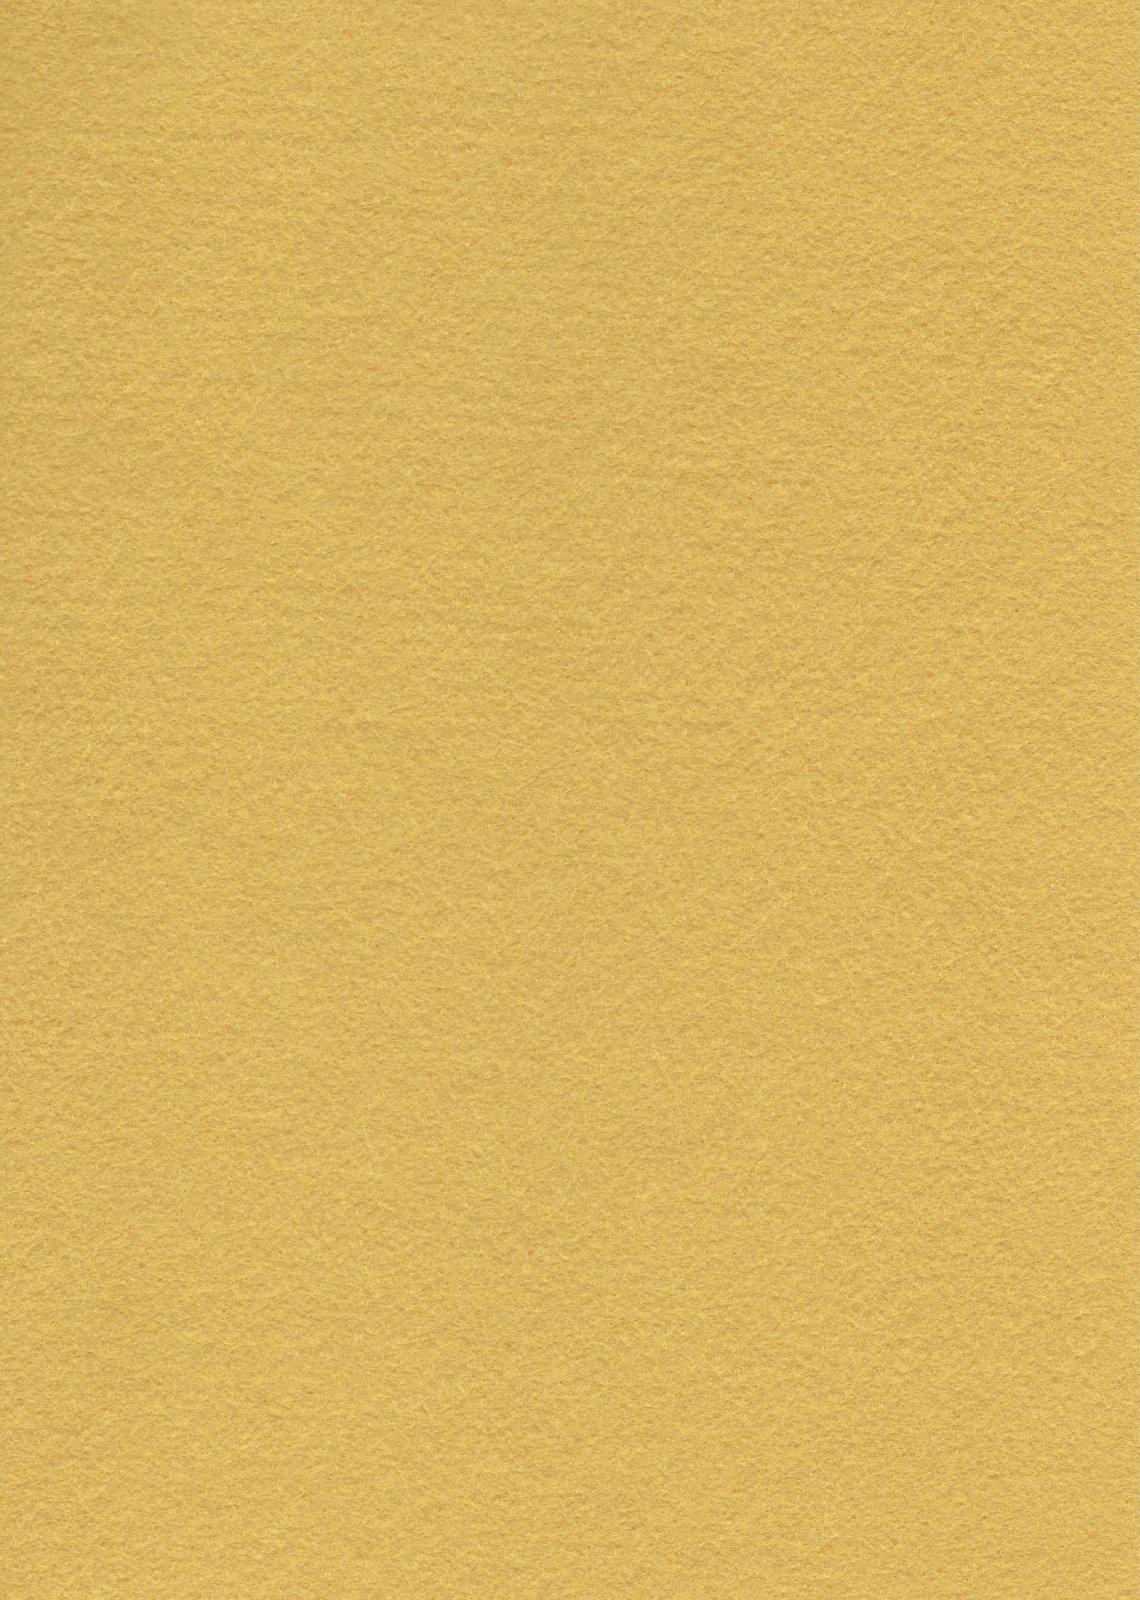 Euphoric Gold